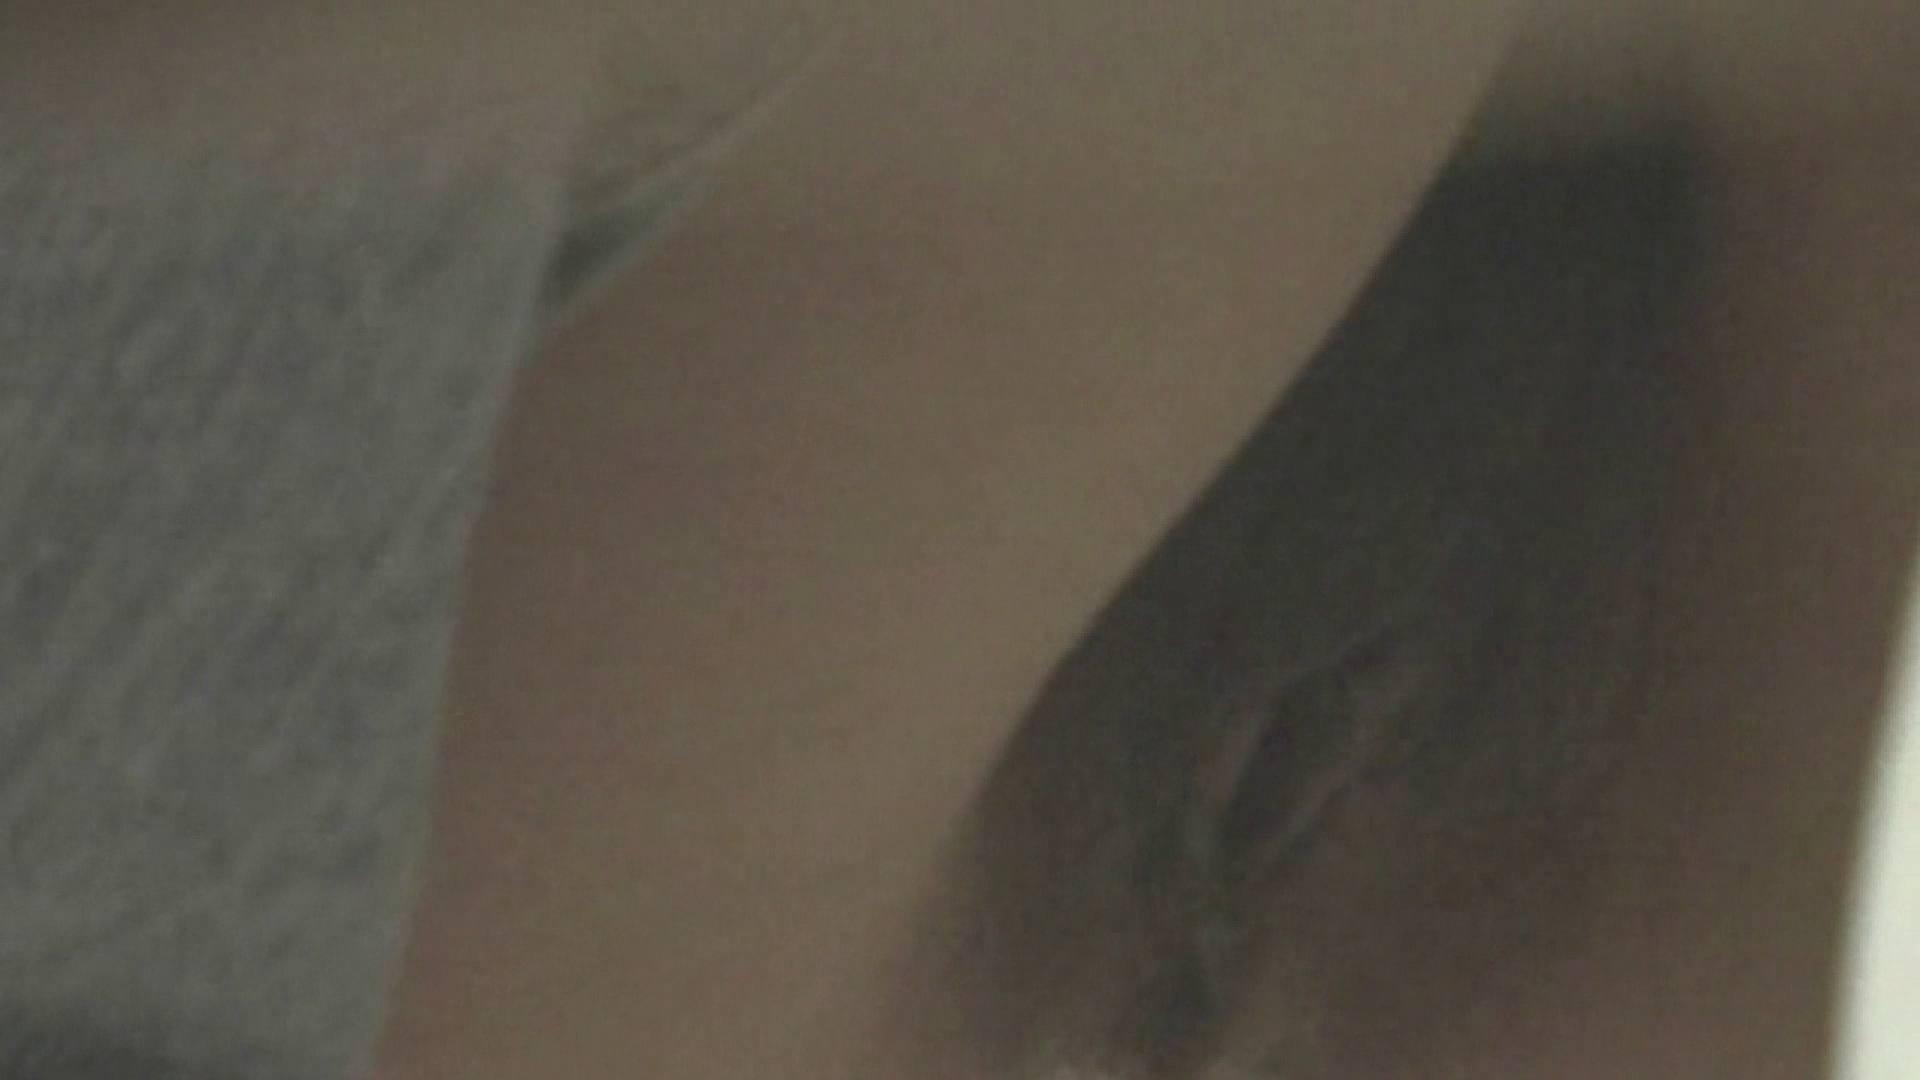 ロックハンドさんの盗撮記録File.37 オマンコ特集 オマンコ動画キャプチャ 103pic 77